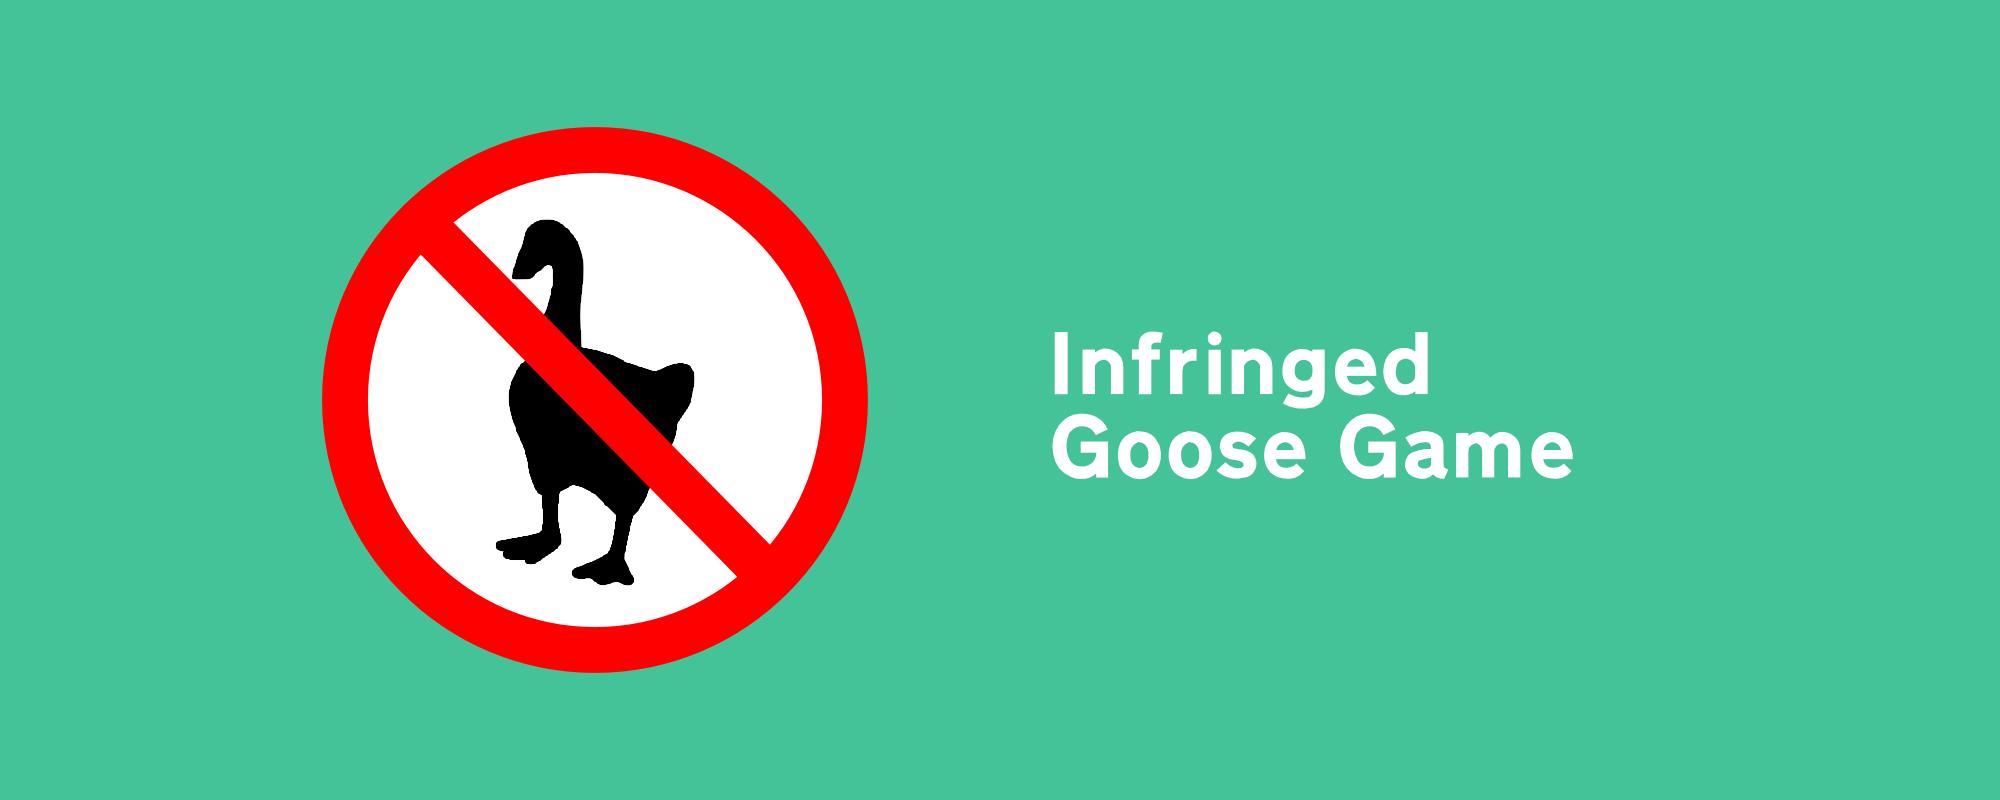 Infringed Goose Game